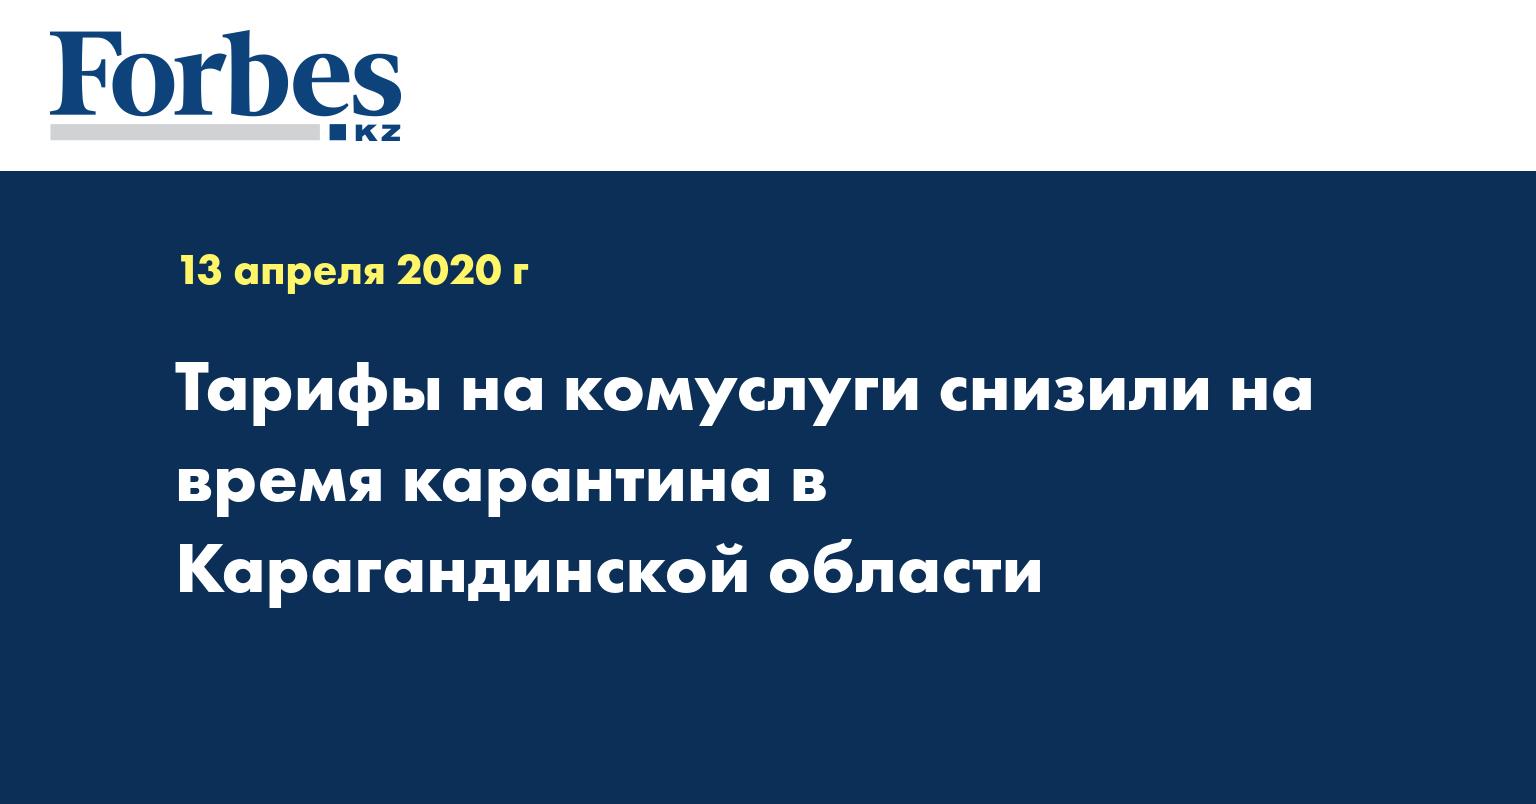 Тарифы на комуслуги снизили  на время карантина в Карагандинской области